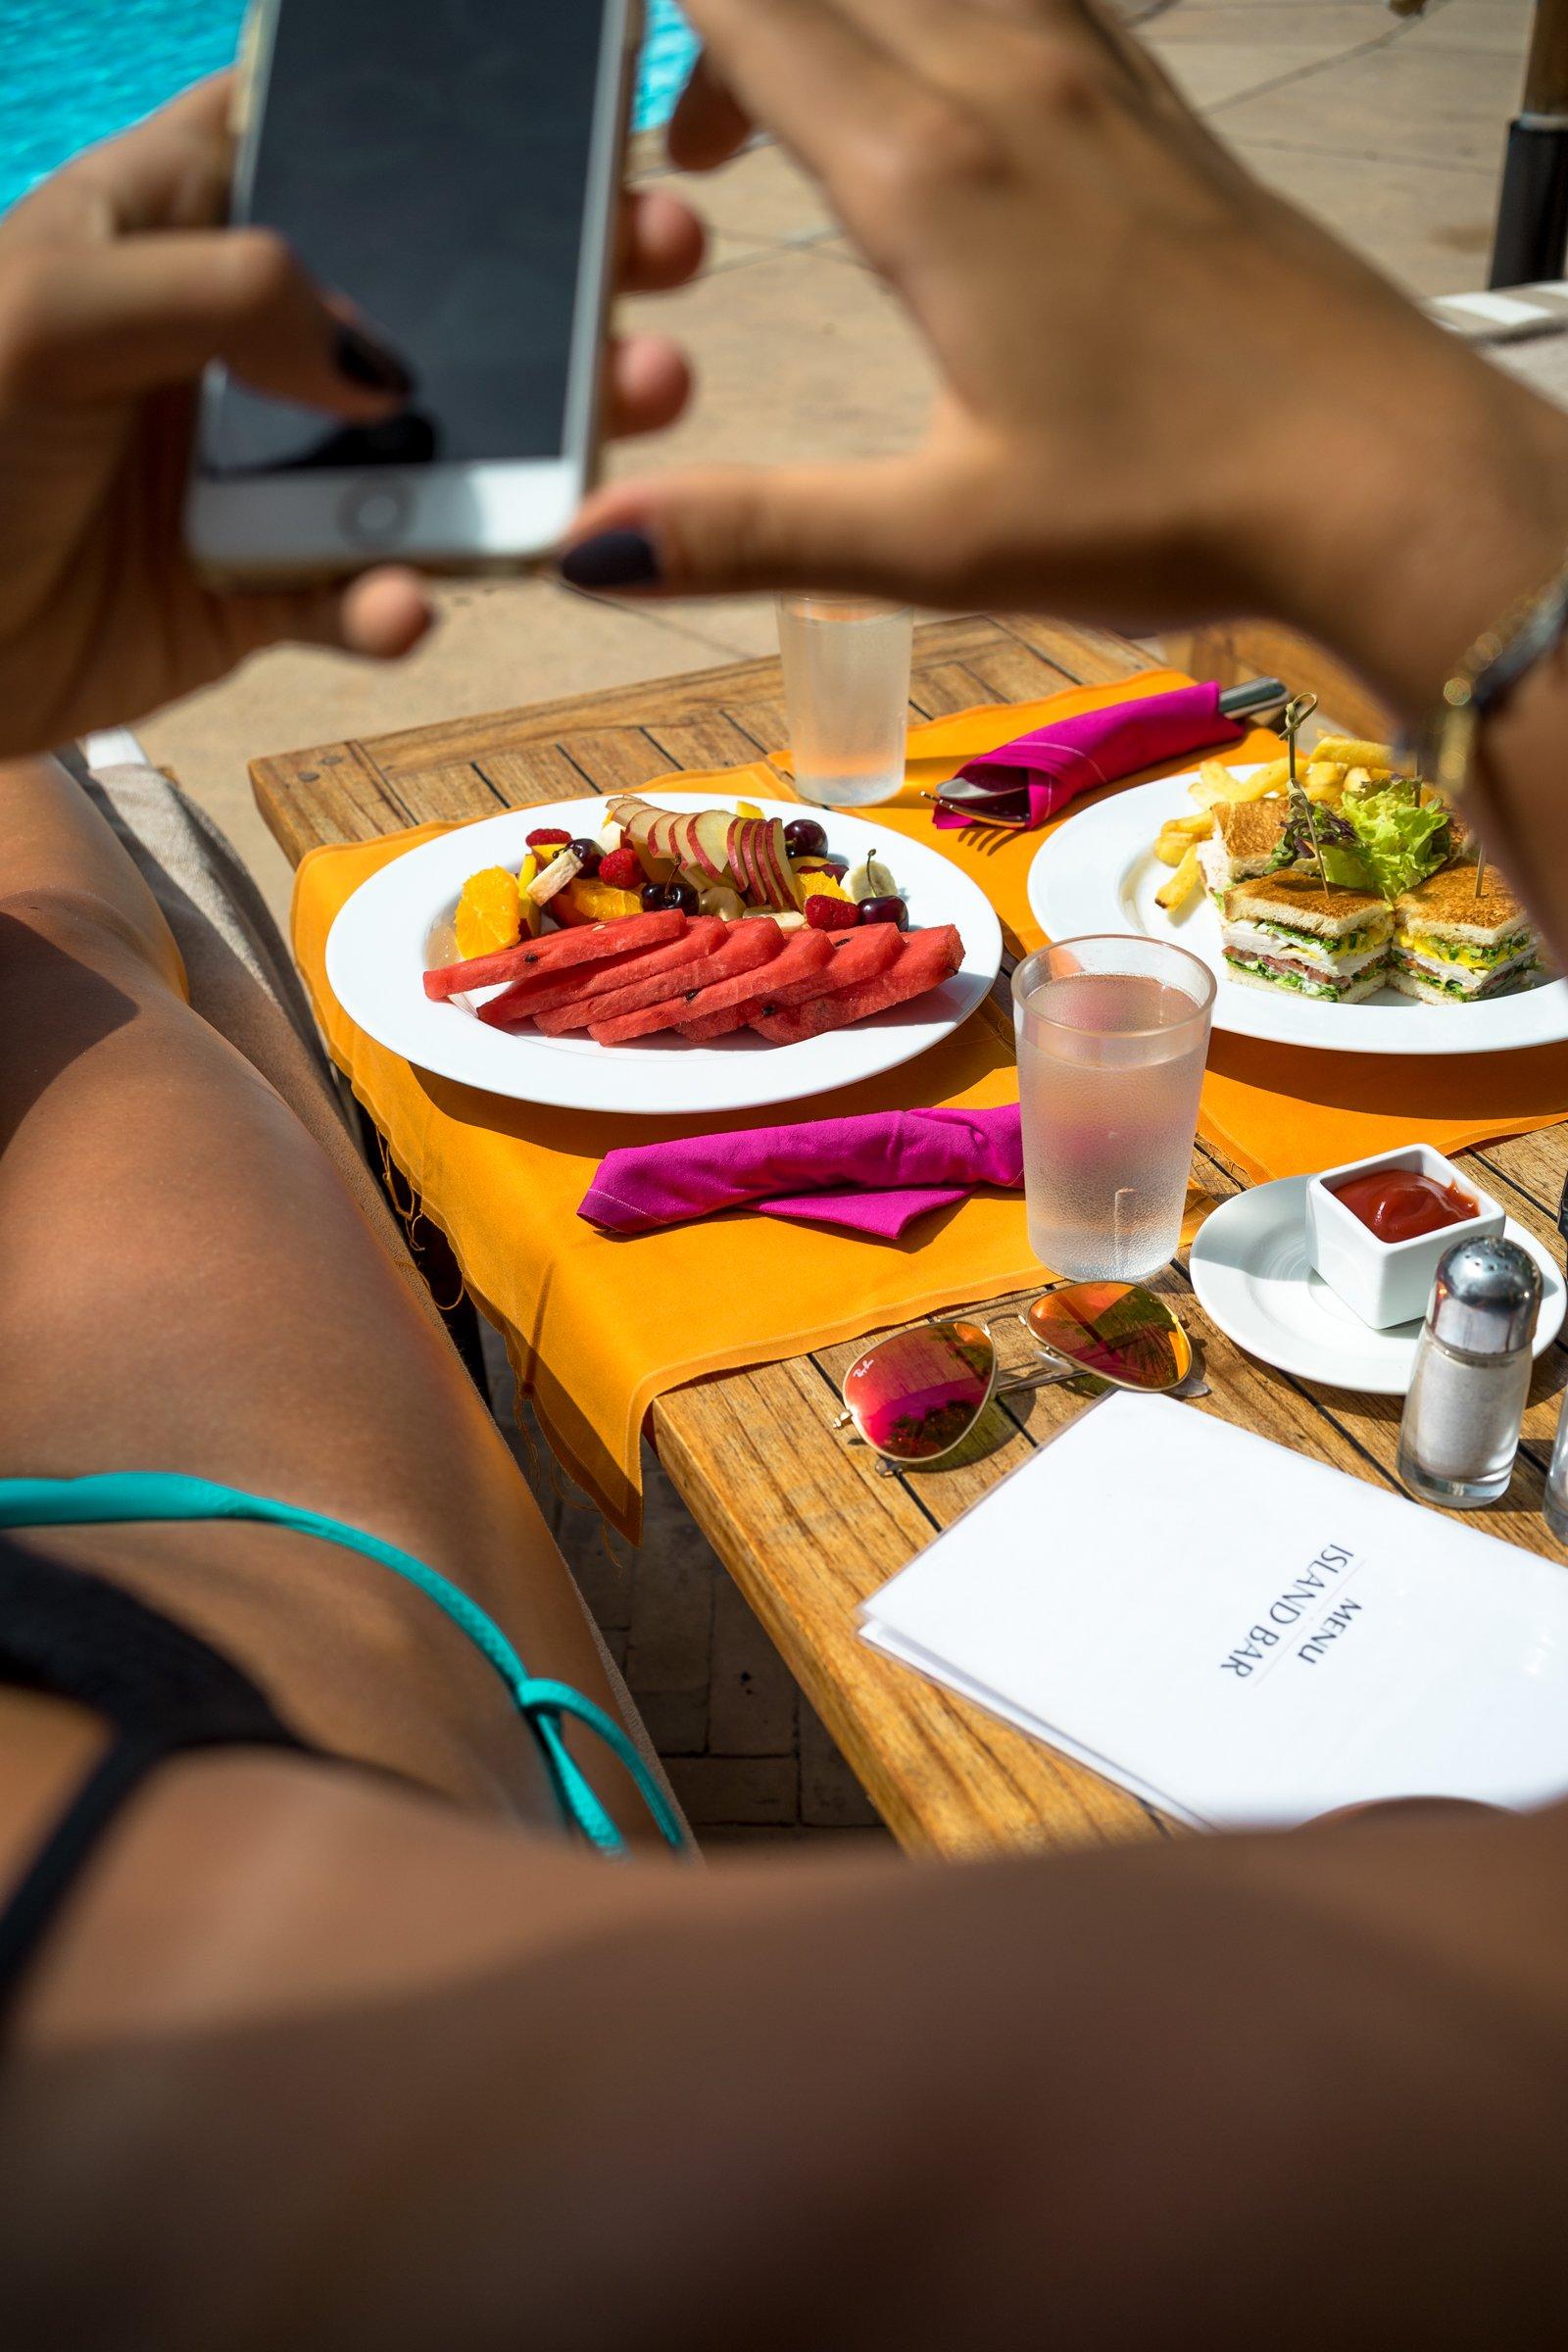 Es Saadi Palace Garden Resorts Island Bar Pool Früchteteller Clubsandwich Fries iPhone Bikinihöschen türkis Tisch